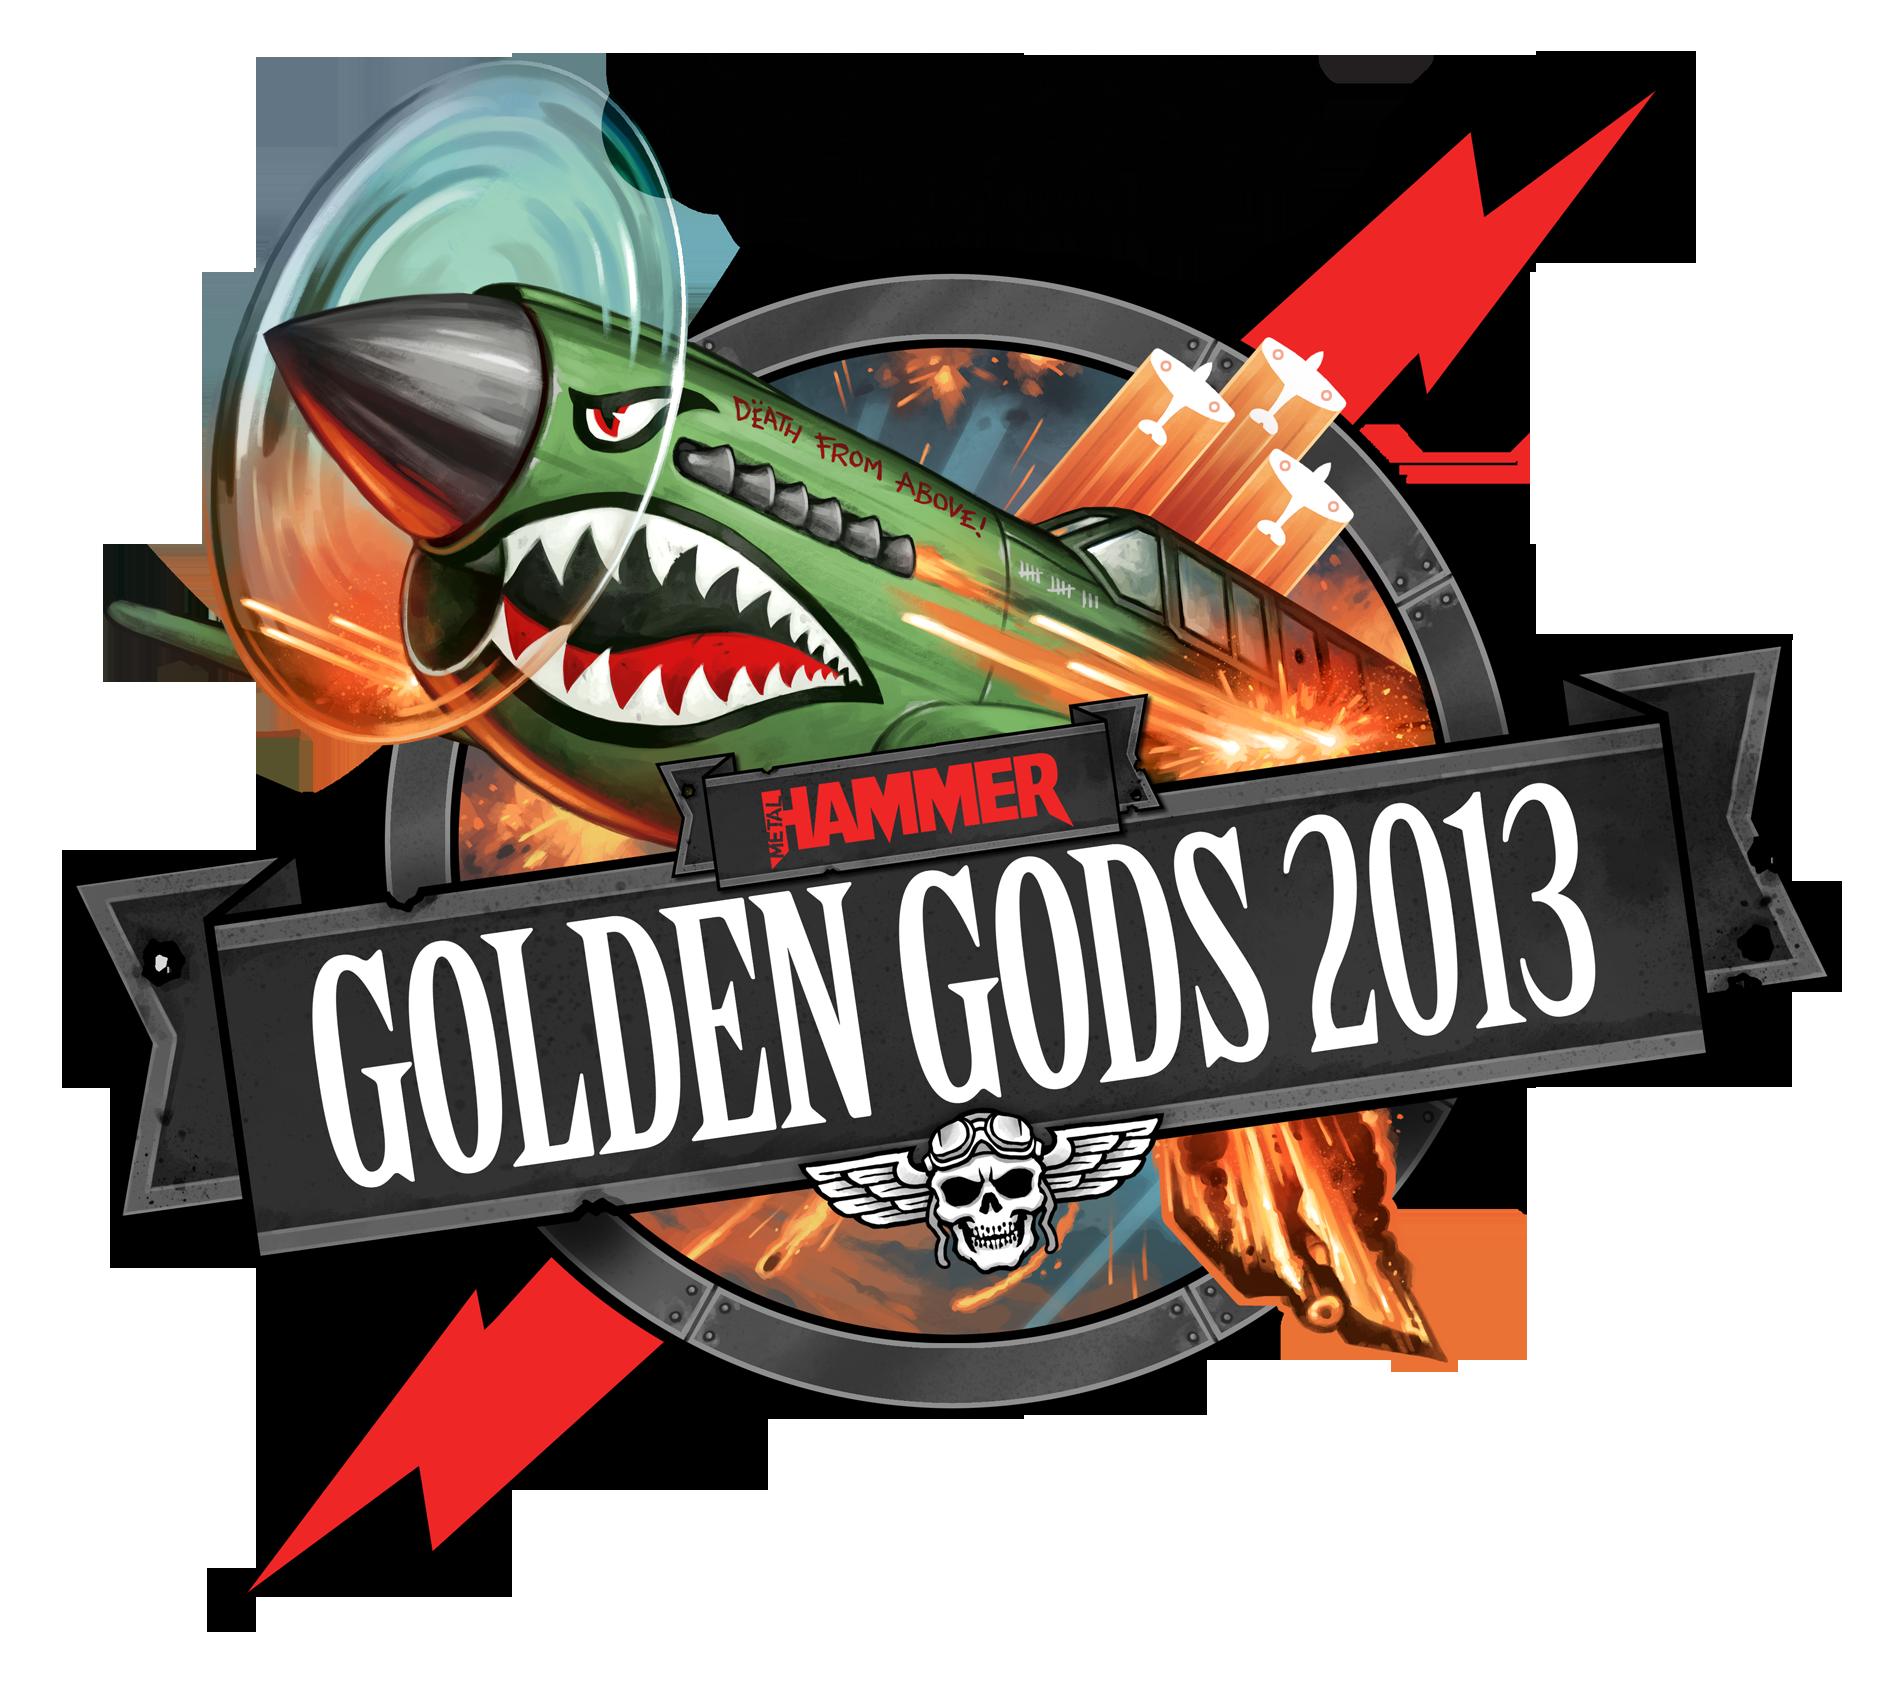 2013 Golden Gods logo